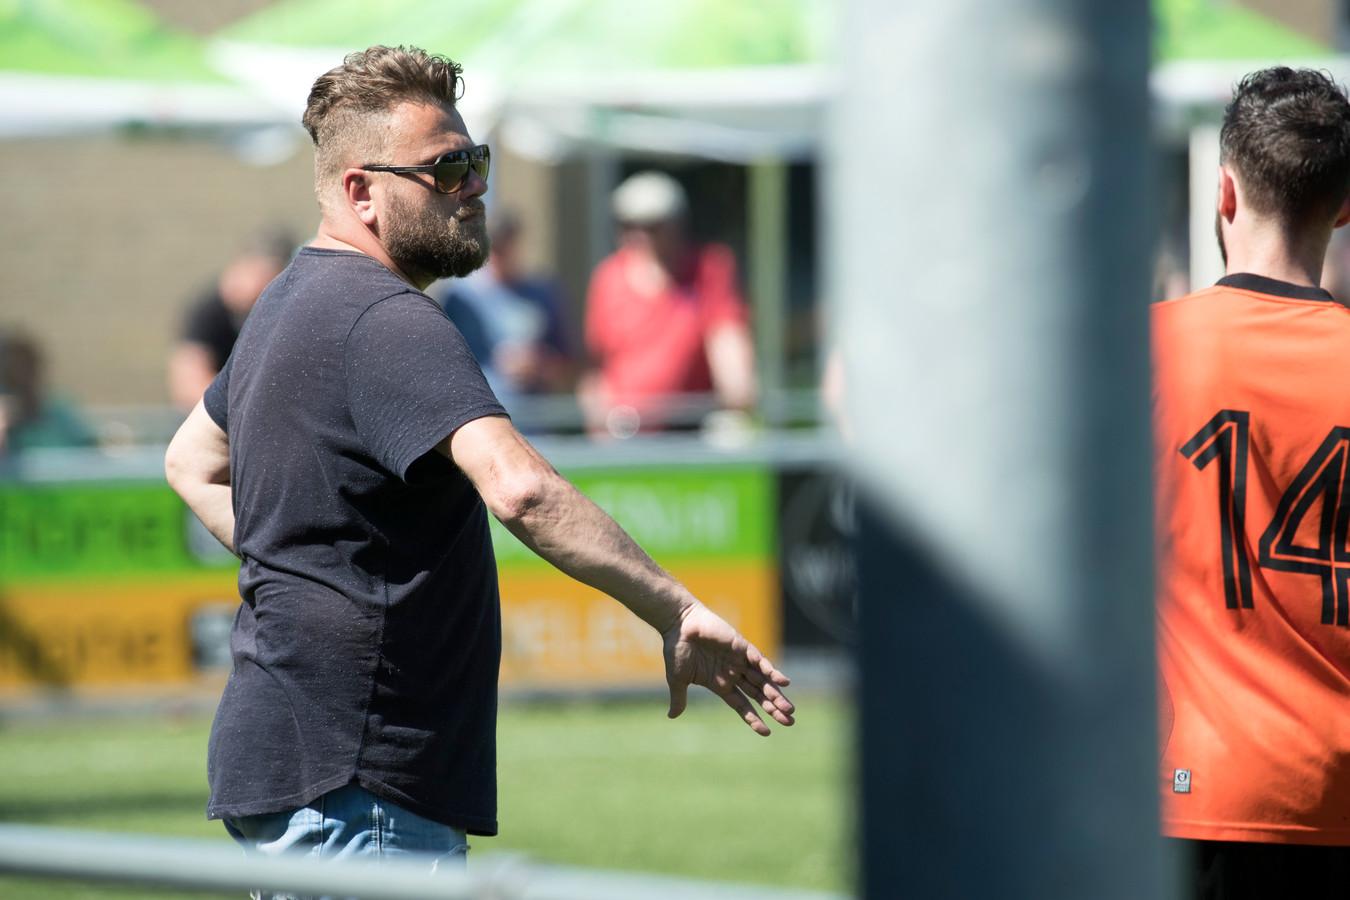 Fabian Krebbers is trainer bij tweedeklasser Union sinds de zomer van 2019, maar maakte nog geen volledig seizoen mee.